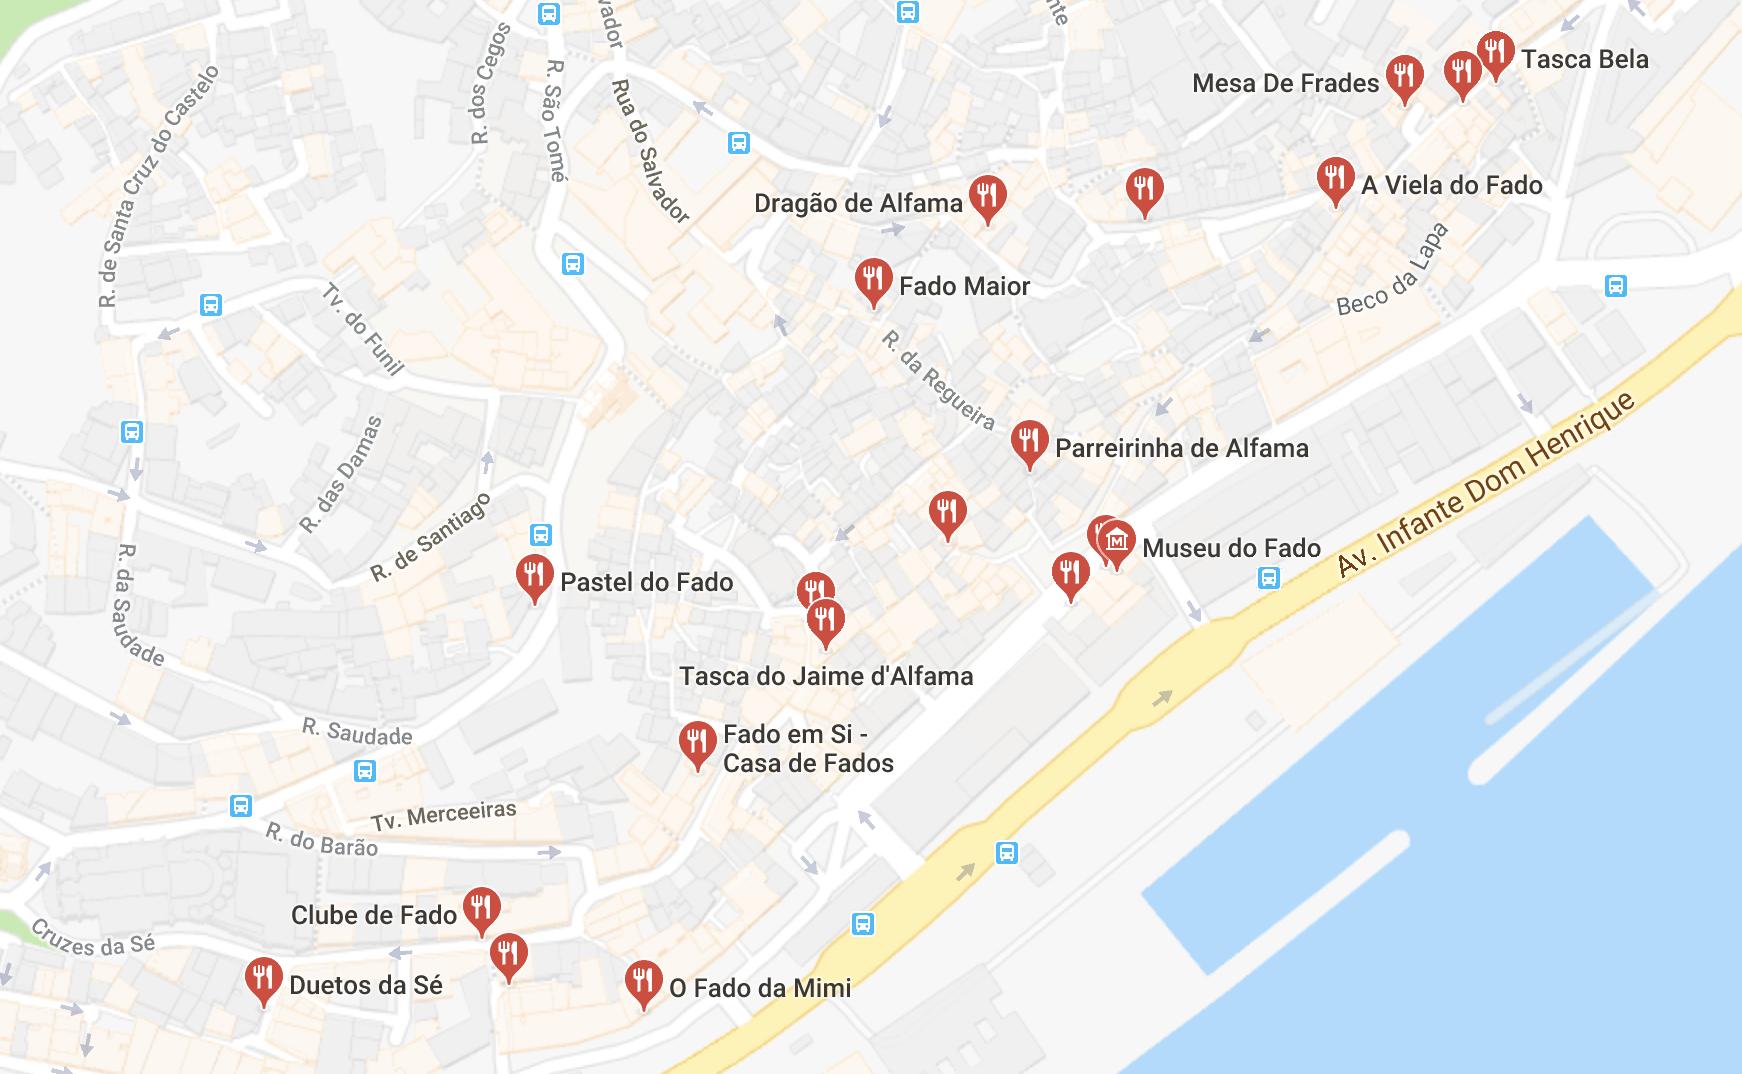 Maison de fado Lisbonne